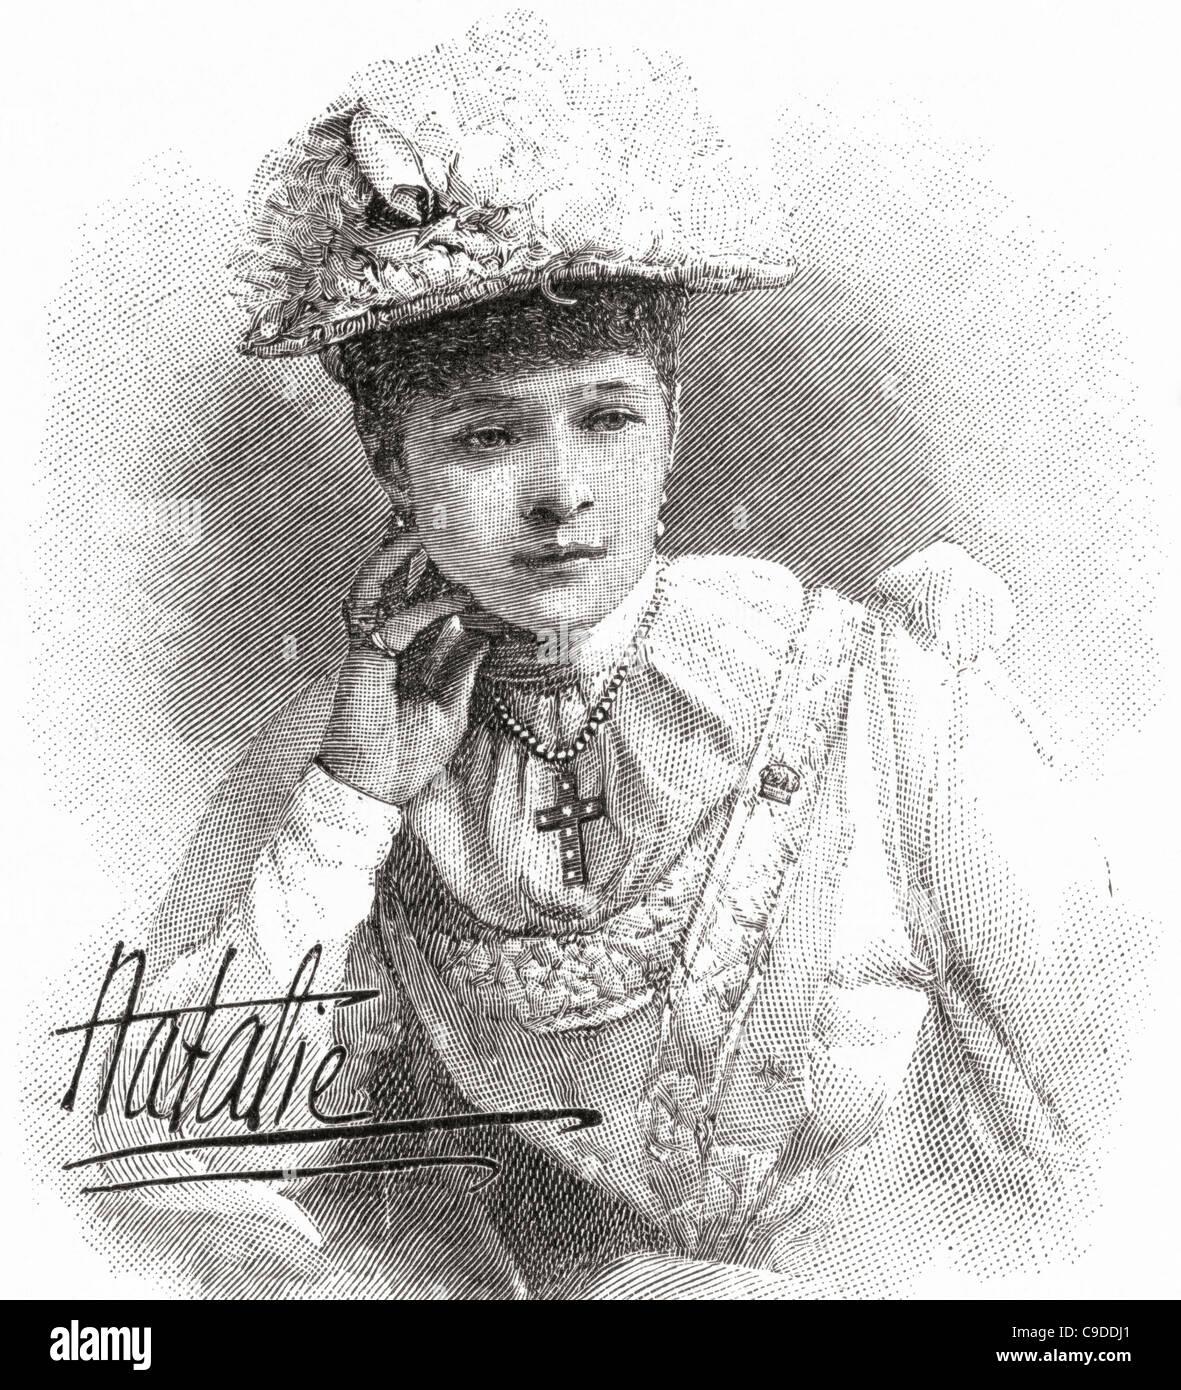 Natalia Janotha, 20 ans, 1856 - 1932. Pianiste et compositeur polonais. Photo Stock